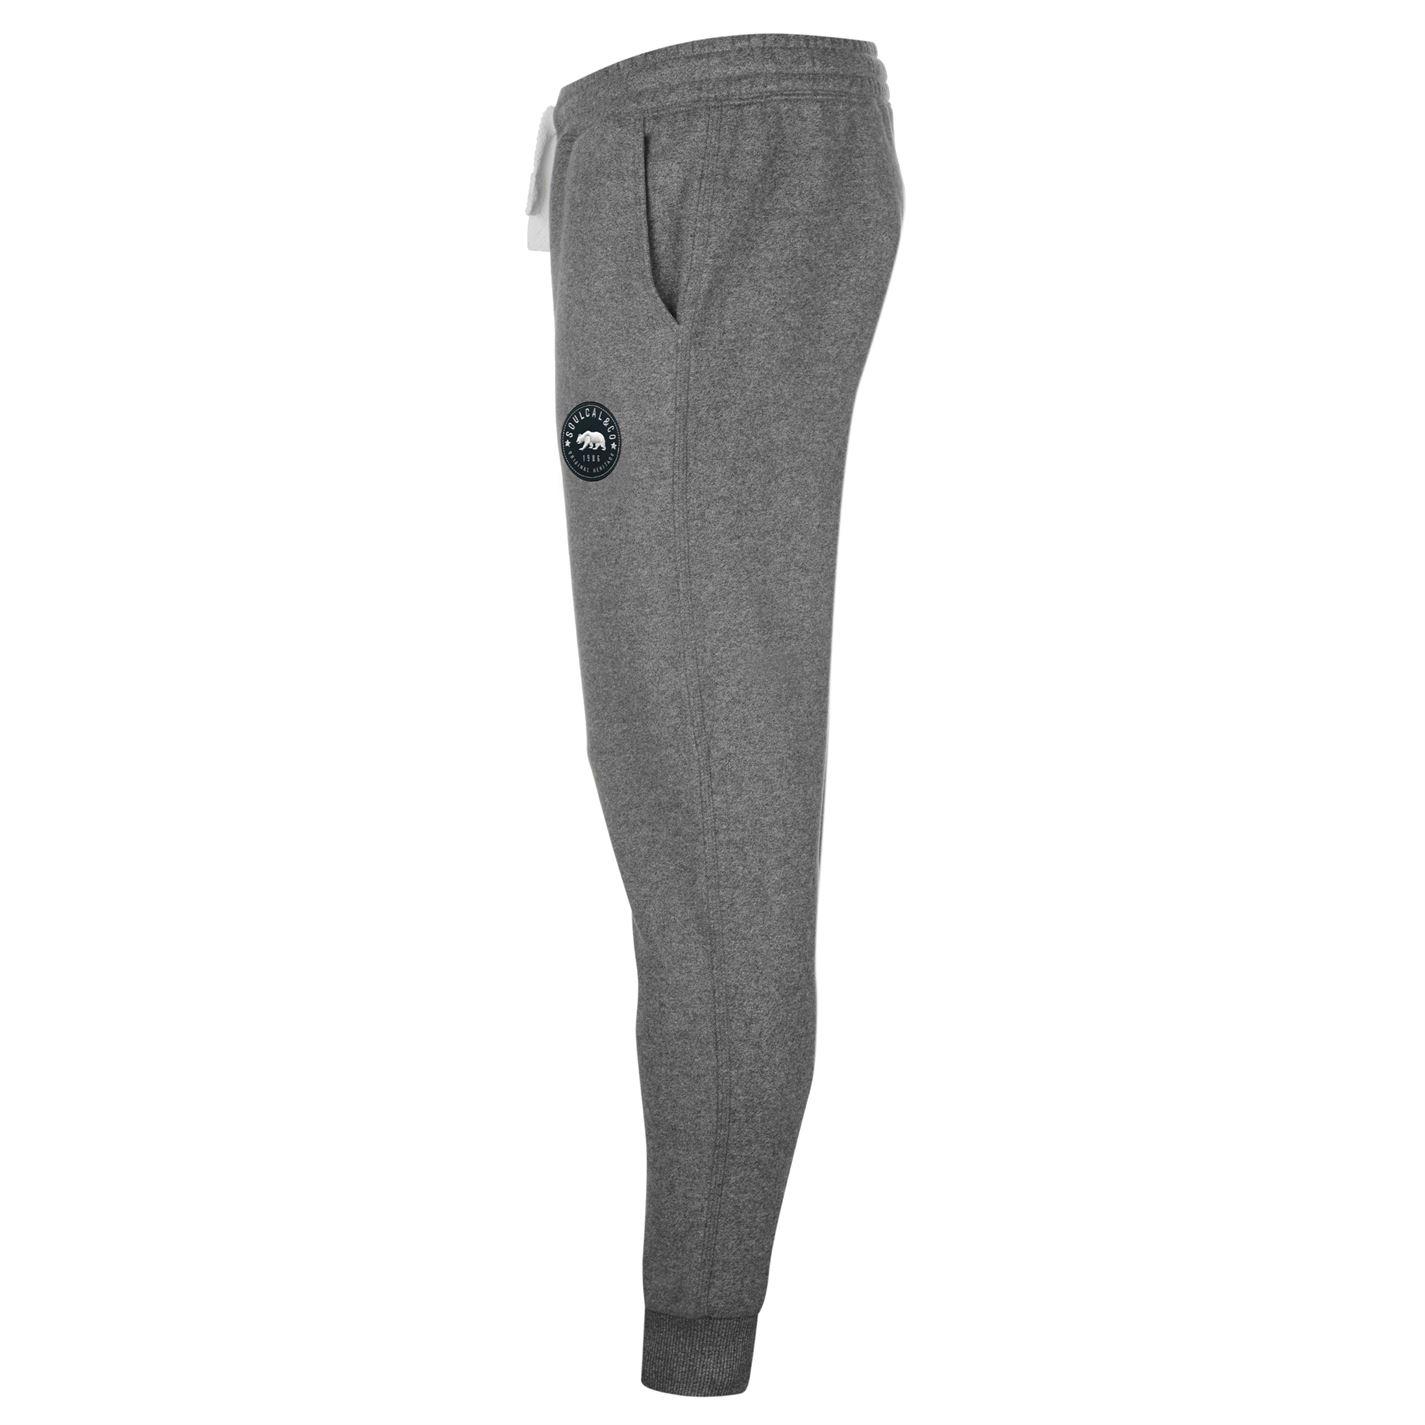 ea4fb9acec97 SoulCal Signature Fleece Sweatpants Mens Gents Jogging Bottoms ...